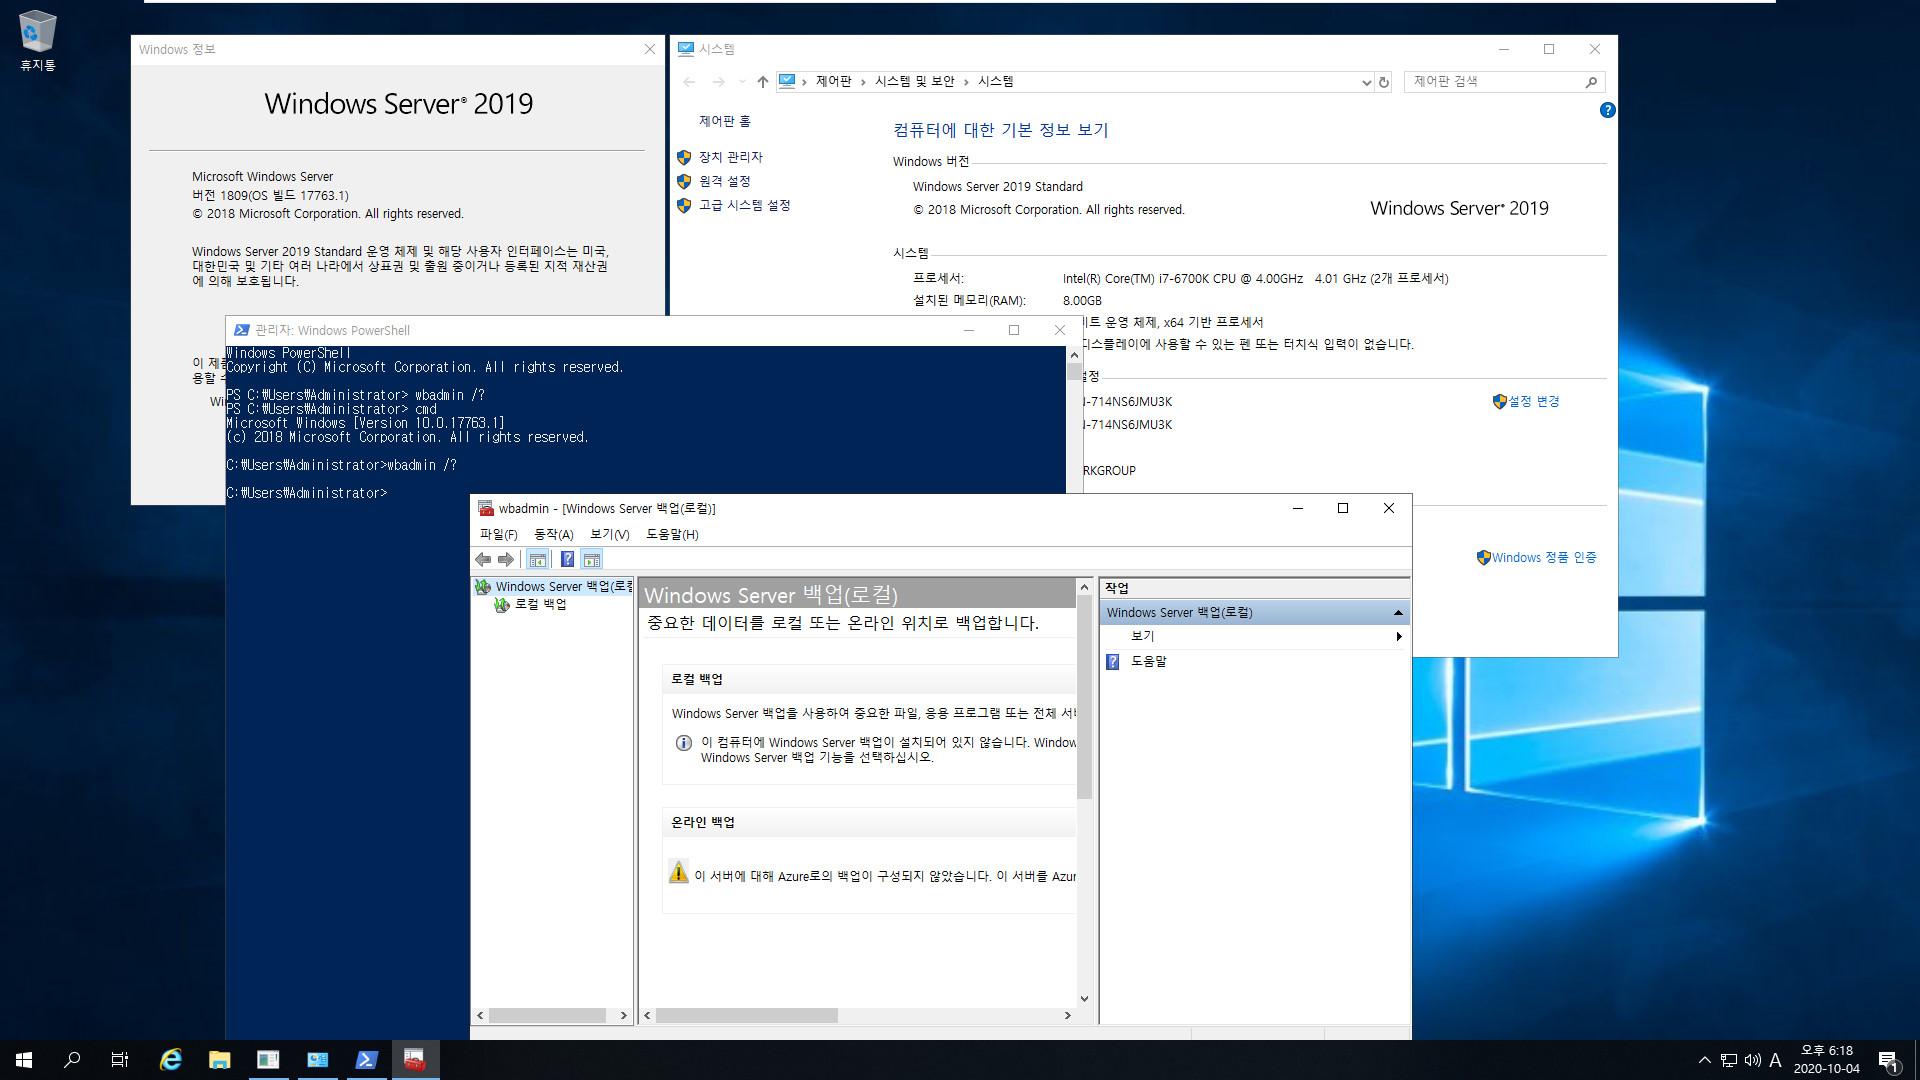 윈도우 서버군은 윈도우 사용중에도 자체 WBadmin 명령으로 윈도우 복구를 합니다 - Windows Server 2019로 복구 테스트 2020-10-04_181852.jpg